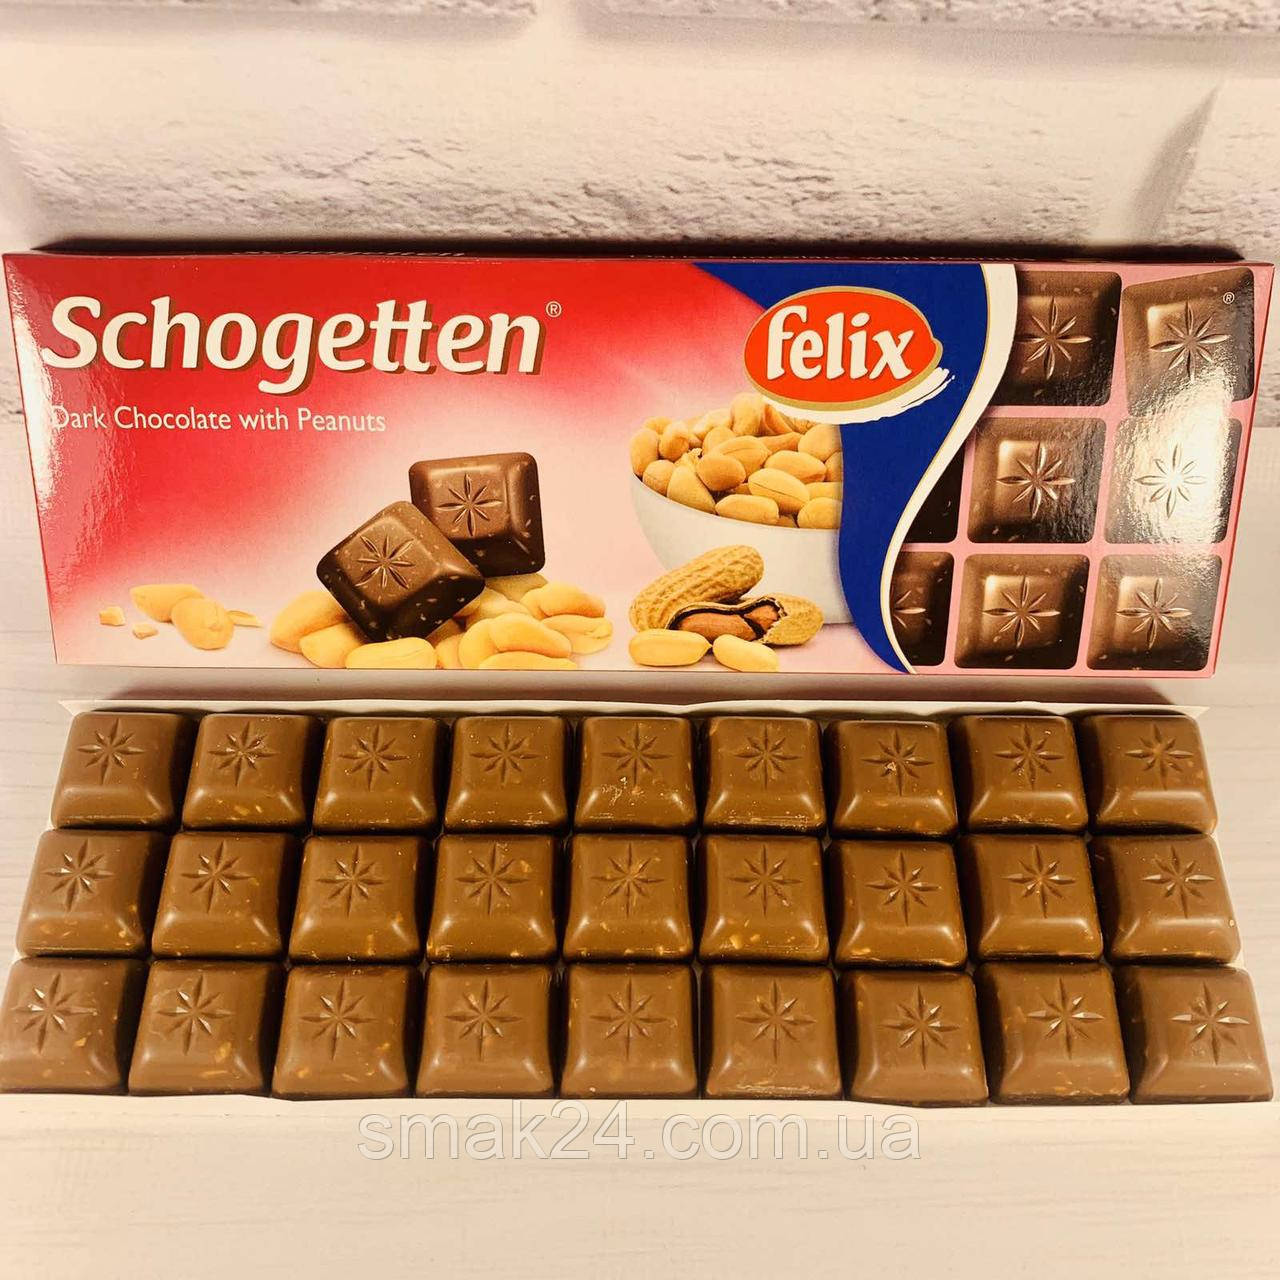 Шоколад чорний Schogetten Peanuts (з арахісом) Felix Німеччина, 150 г